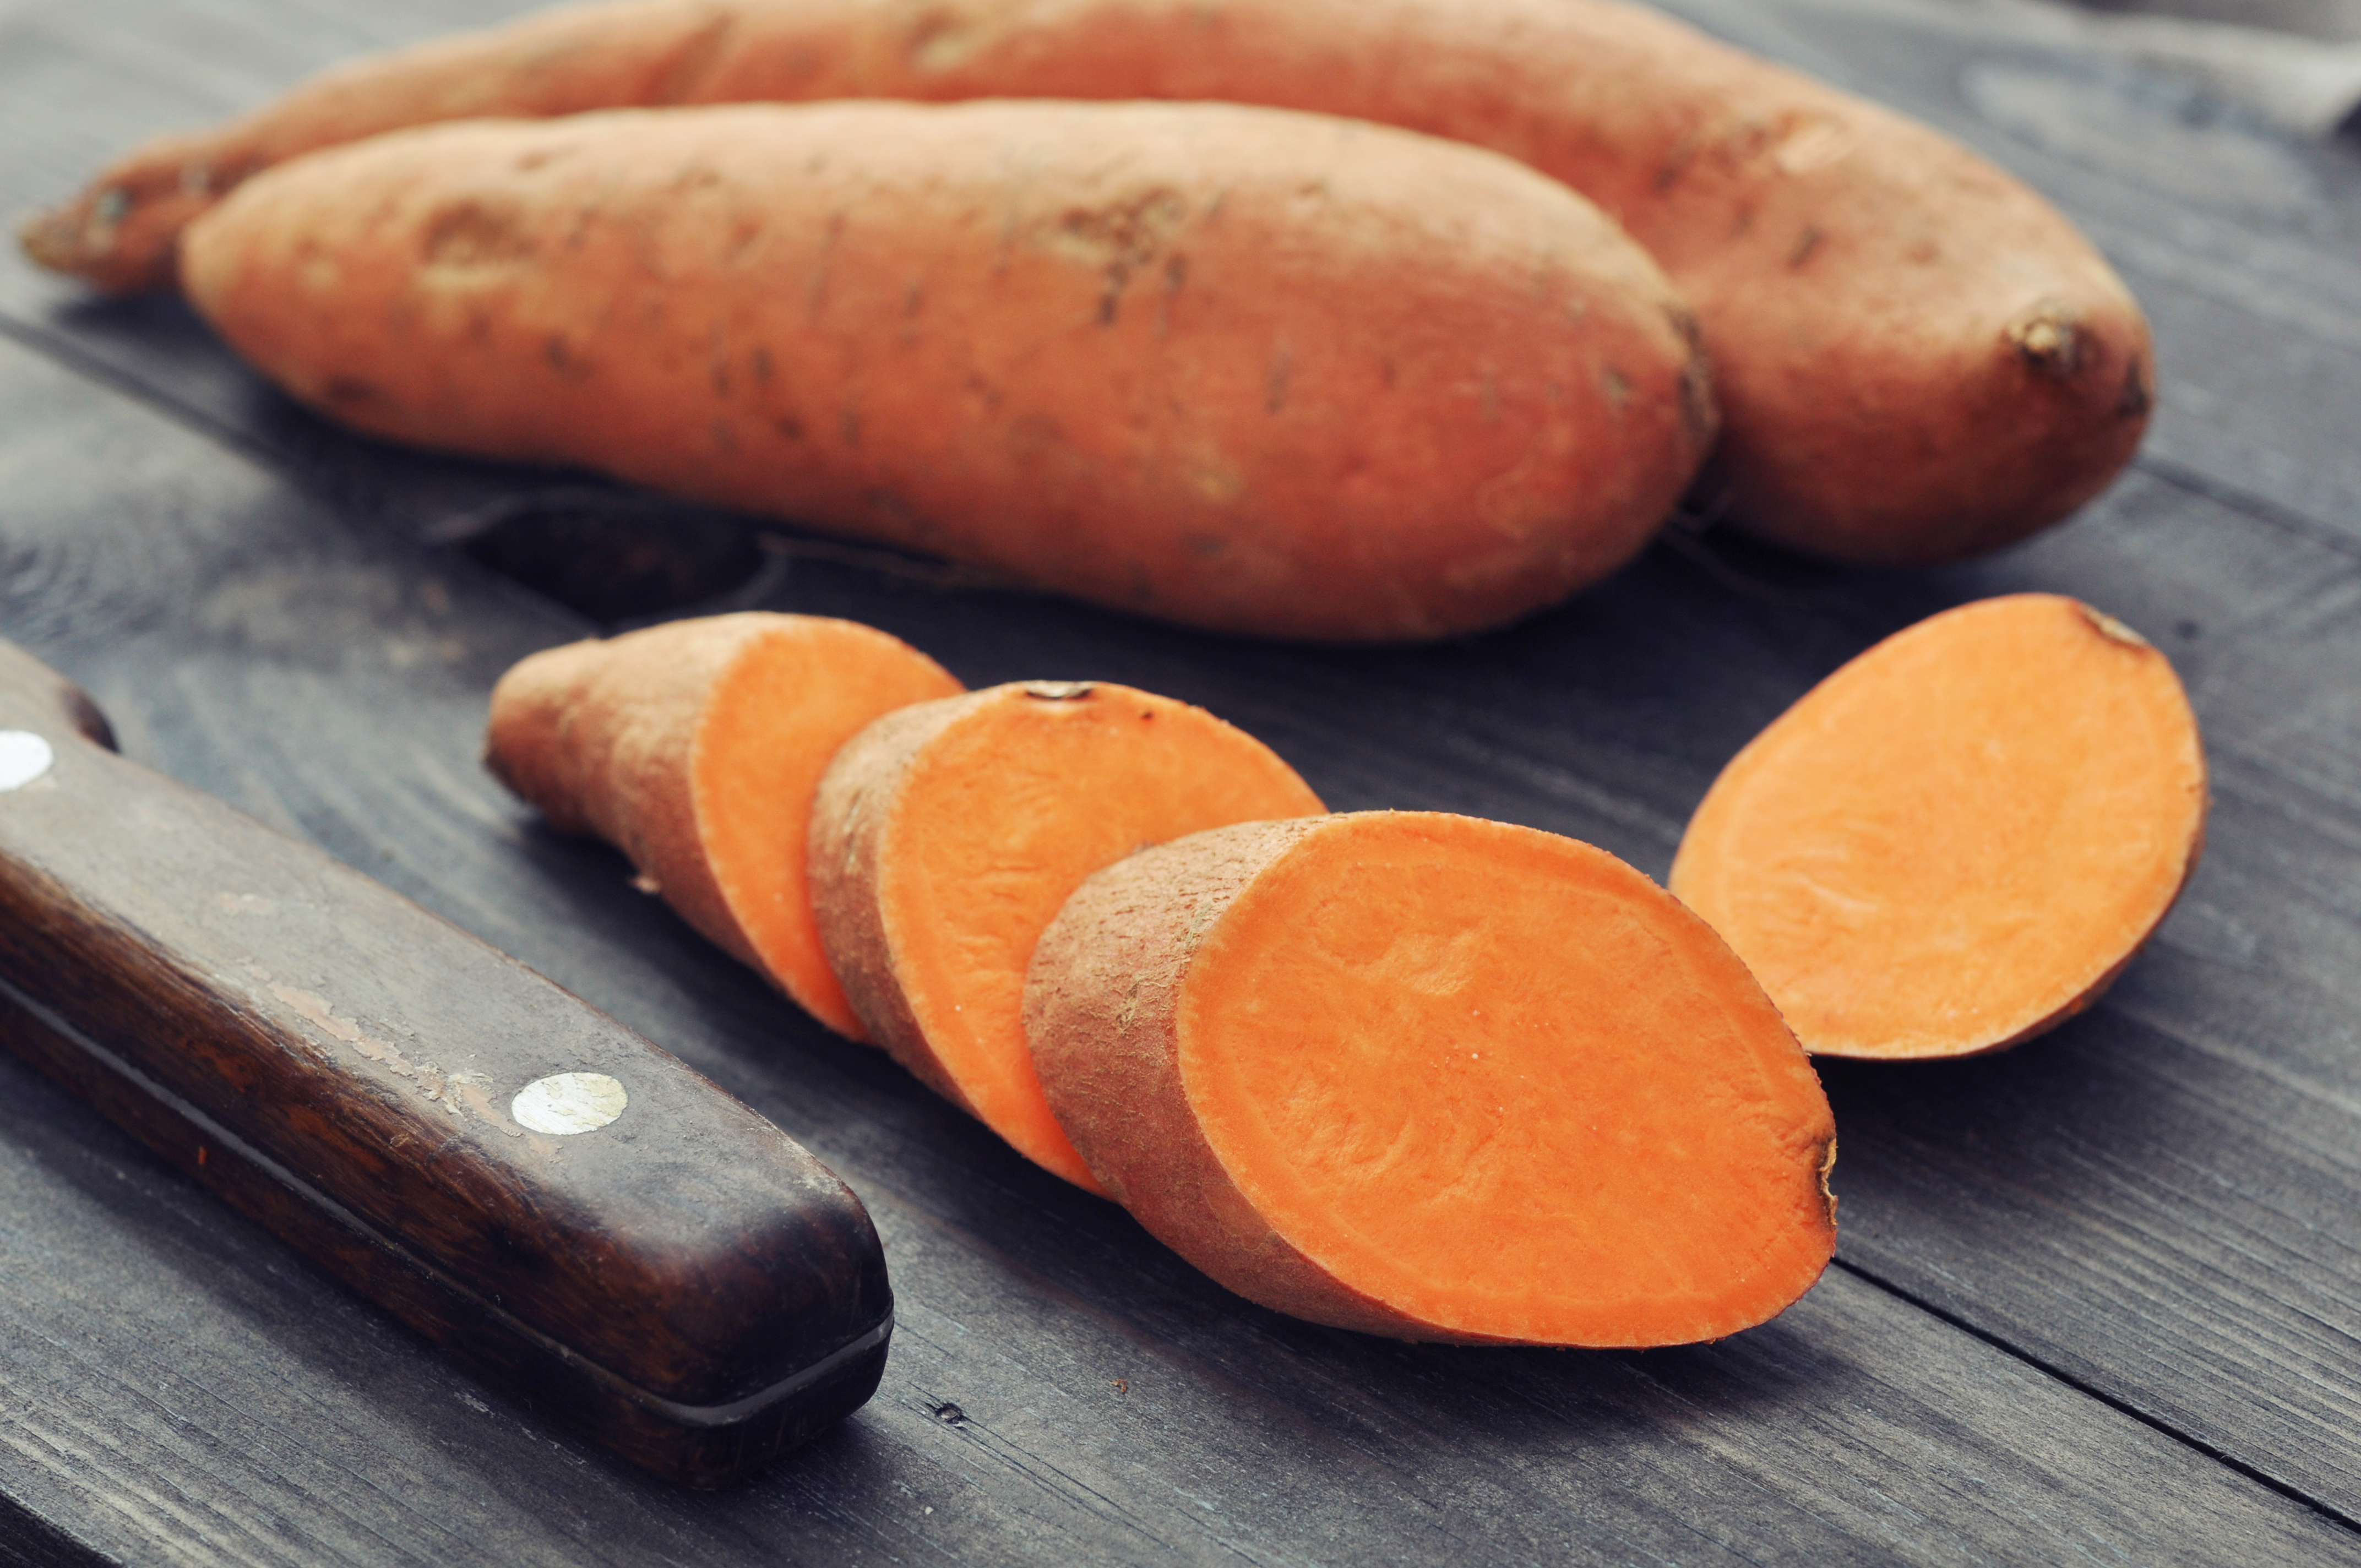 Pri 'detoksu' bo pomagal sladki krompir.